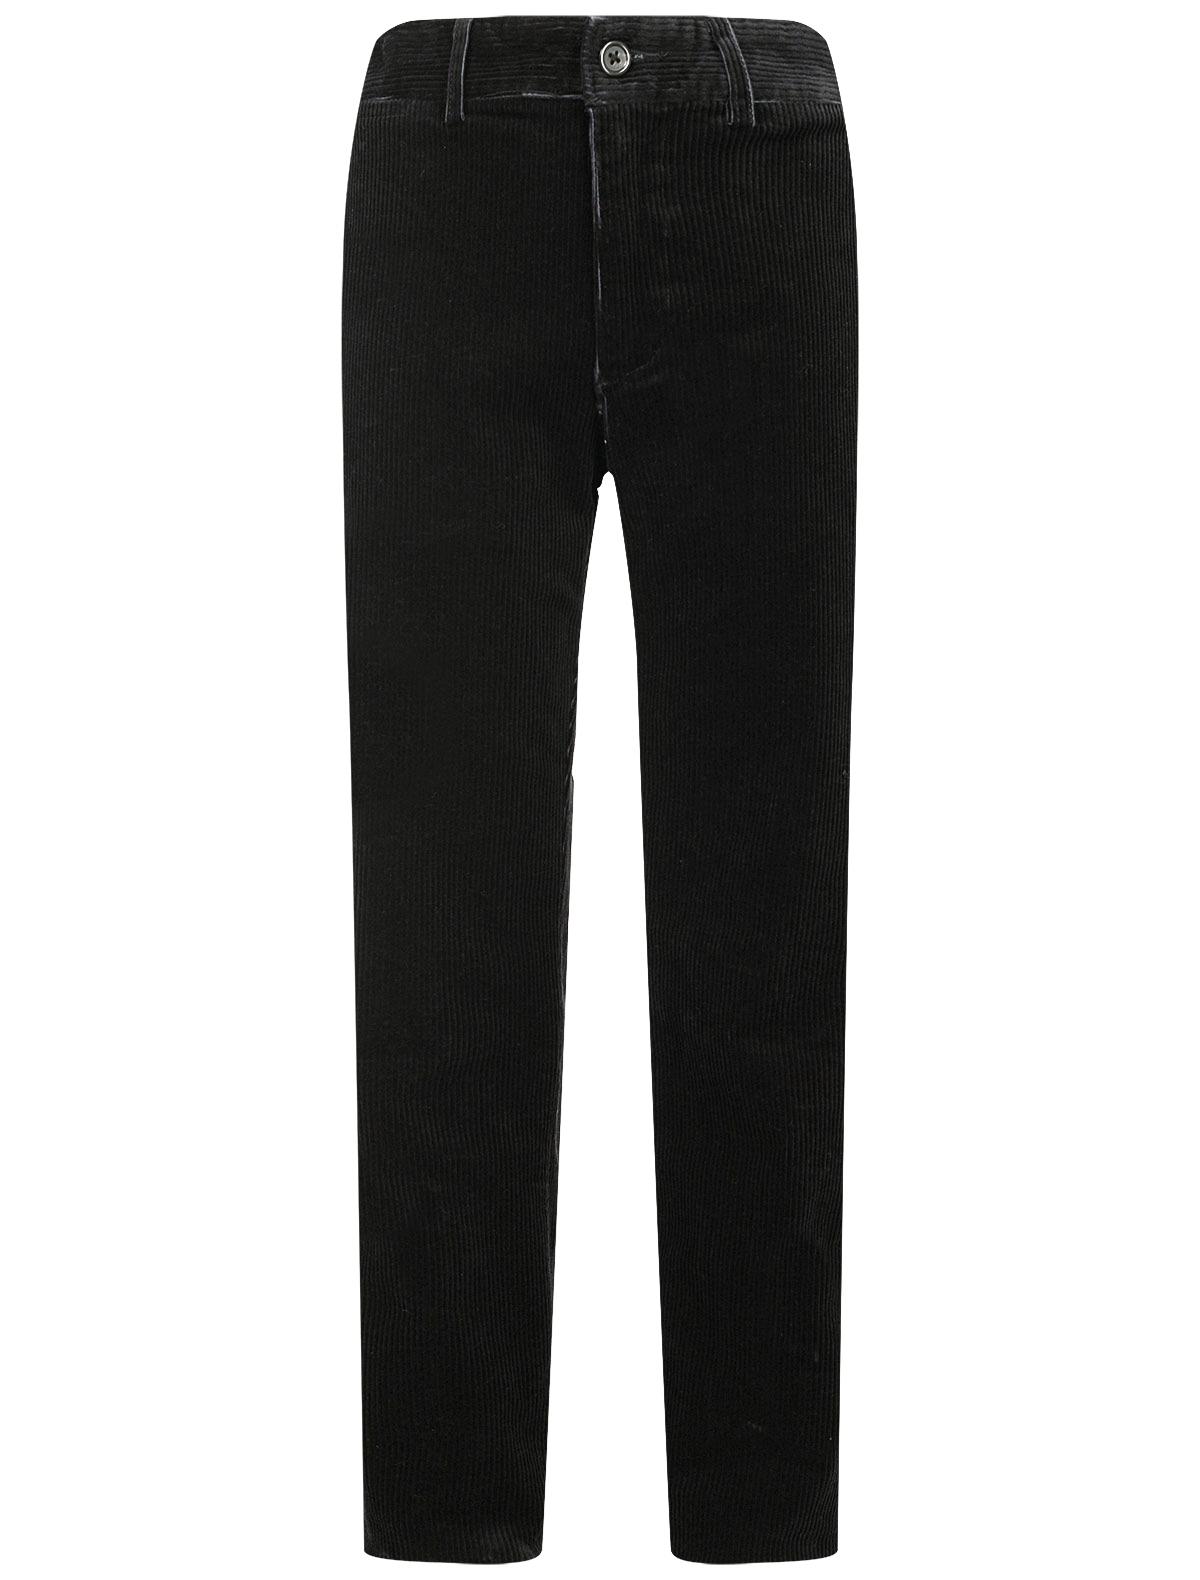 Купить Брюки Polo Ralph Lauren для мальчиков 323760254005 (BLACK) (8-14) черный 164,